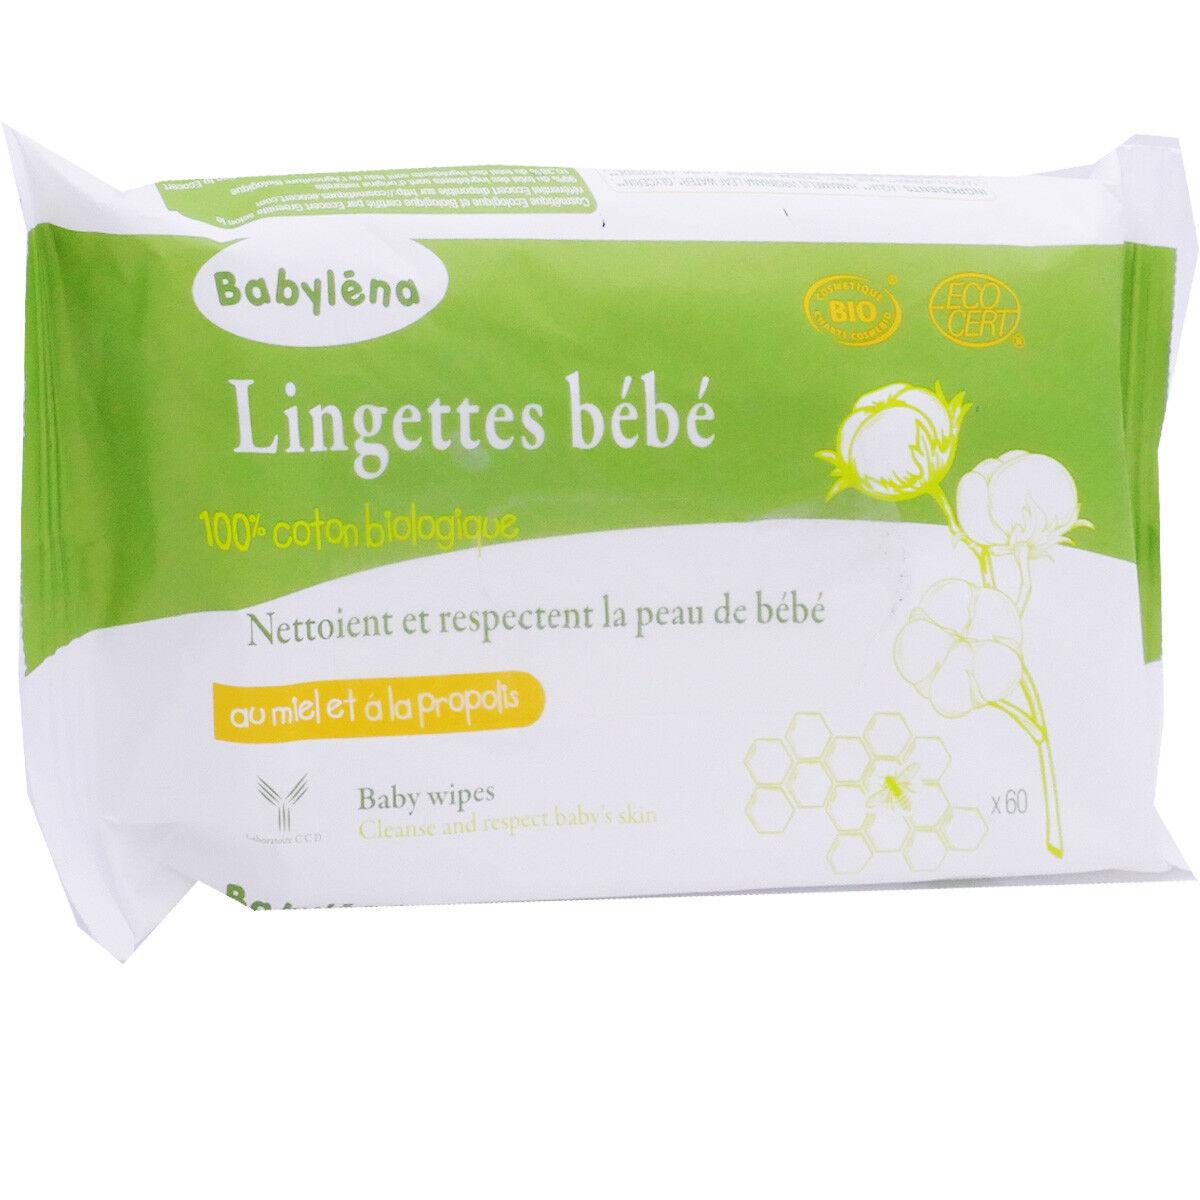 BABYLENA Zero gaspi babylena lingettes bÉbÉ x60 bio